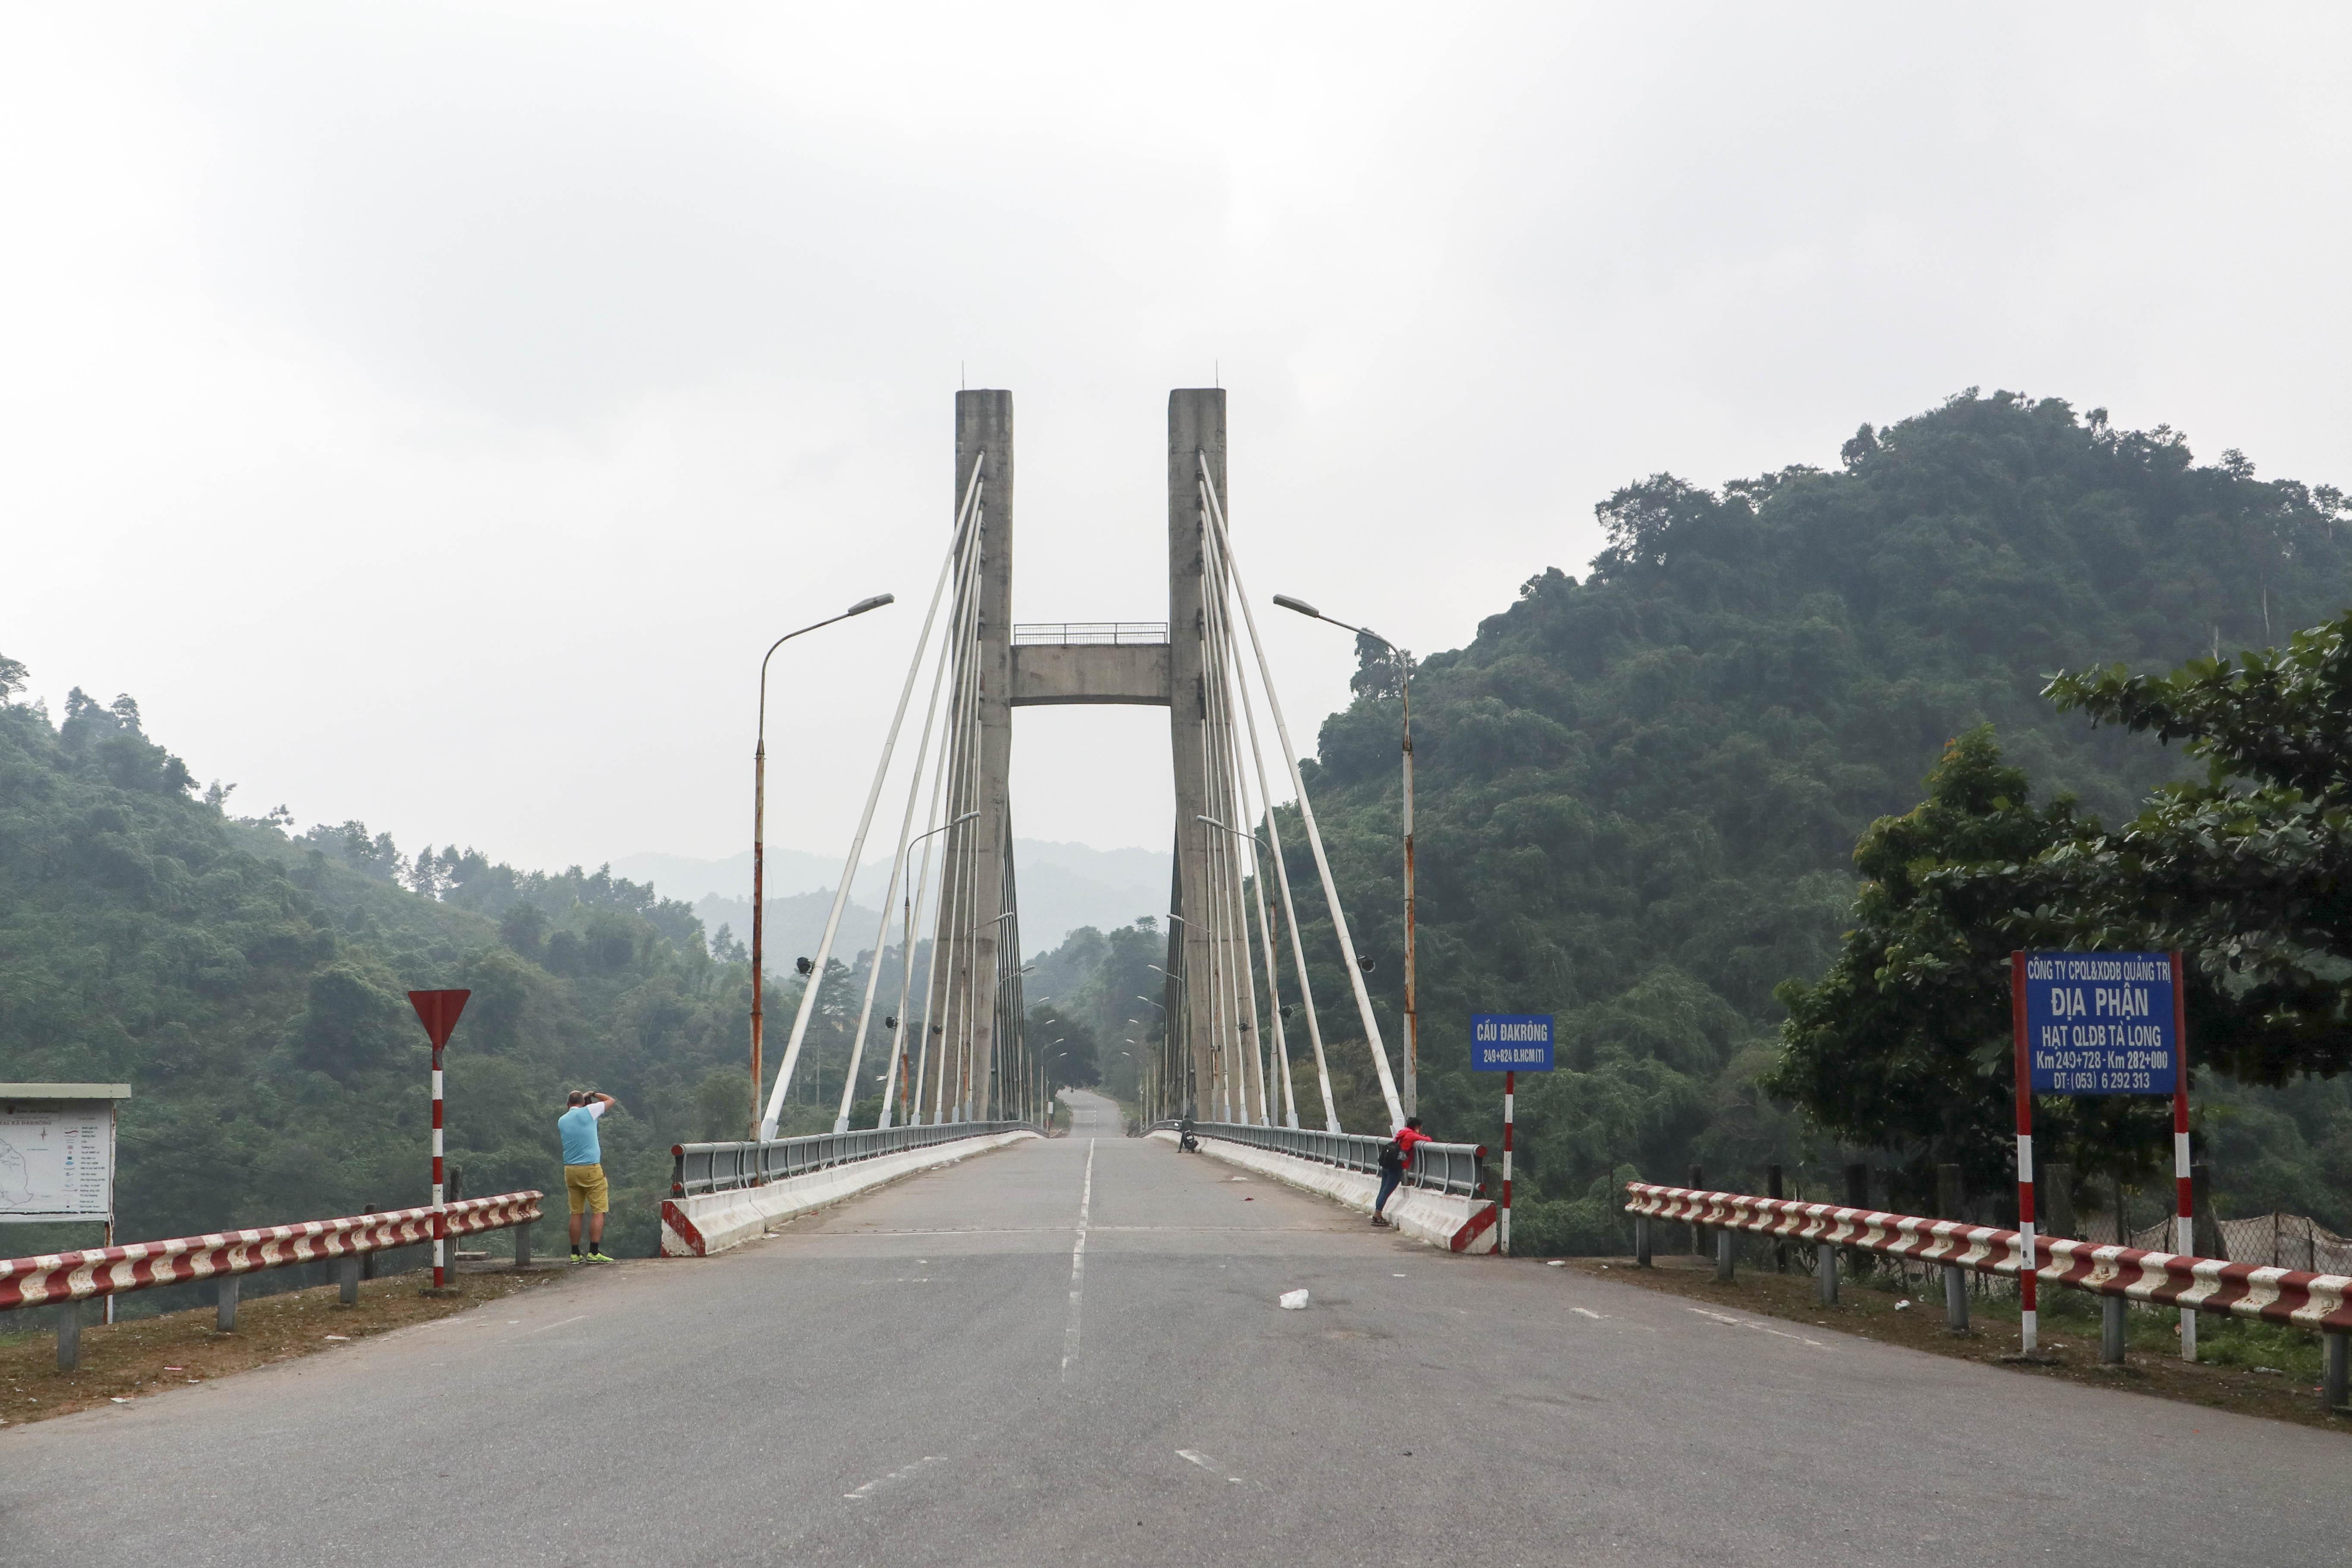 Dakrong Bridge Vietnam